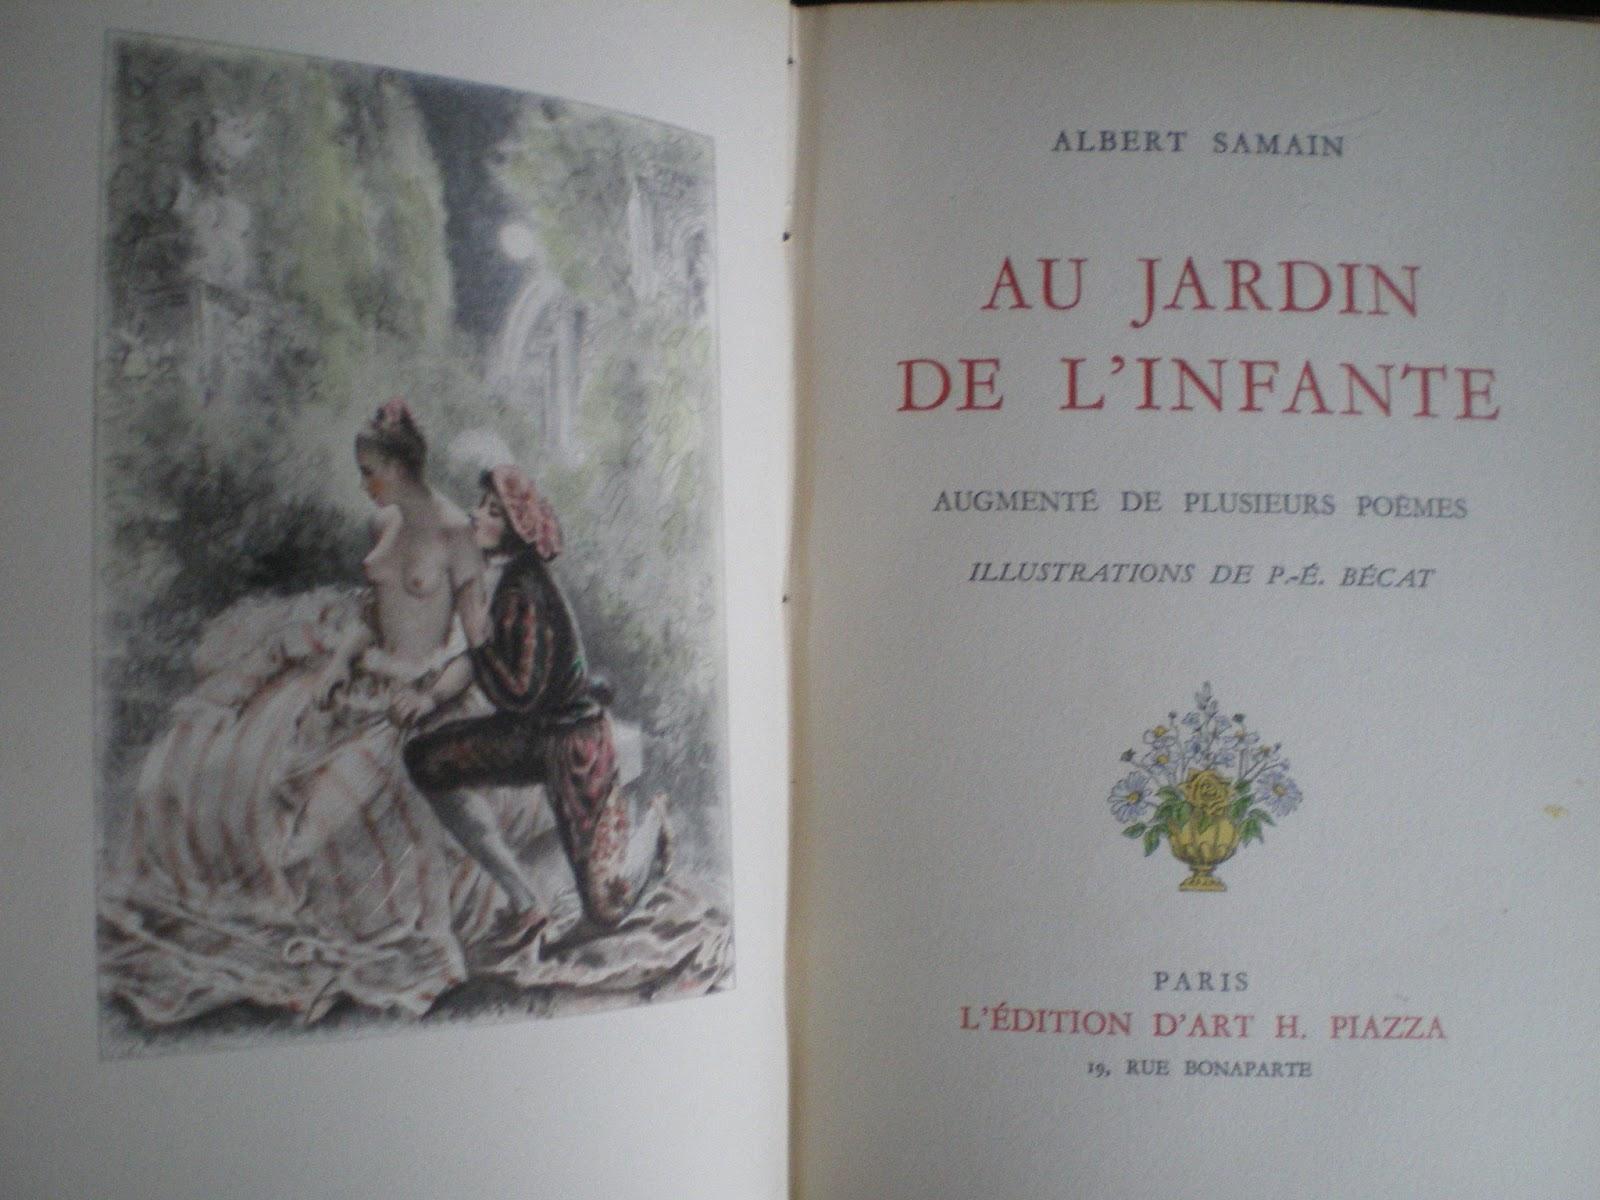 Librairie ancienne florence velk lorient janvier 2013 for Au jardin de l infante samain